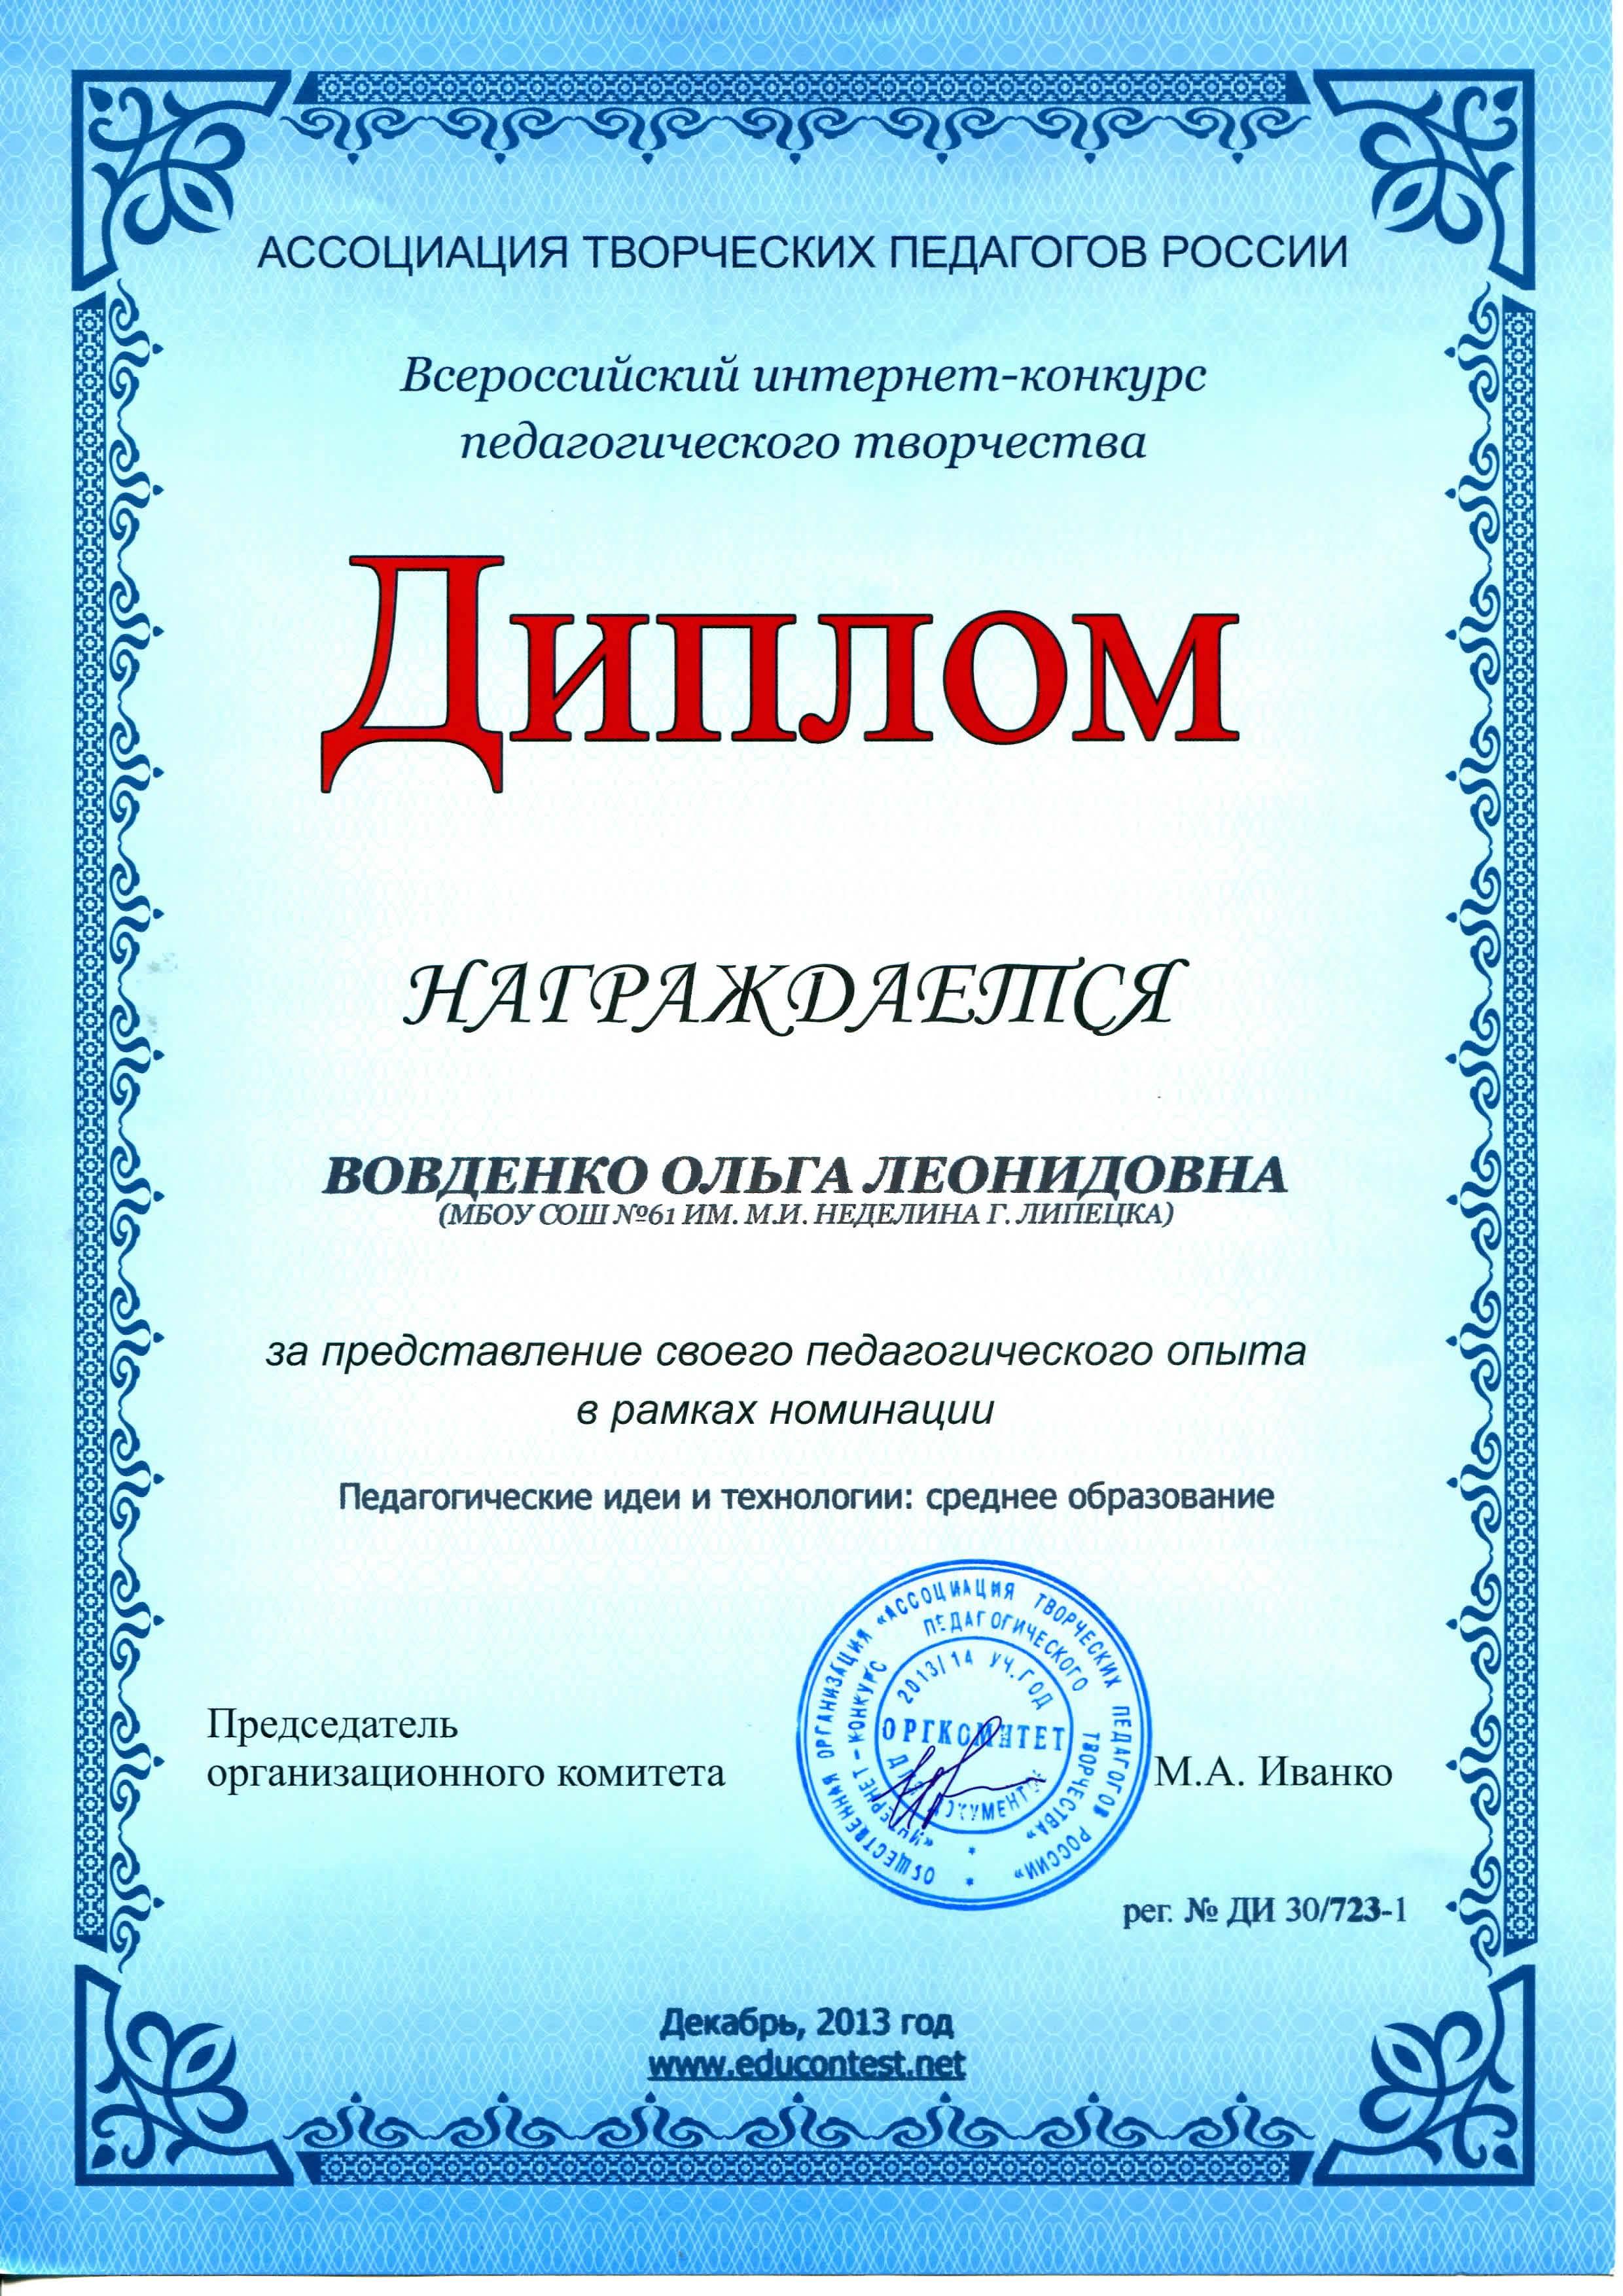 Диплом творческого конкурса Диплом участника творческого конкурса